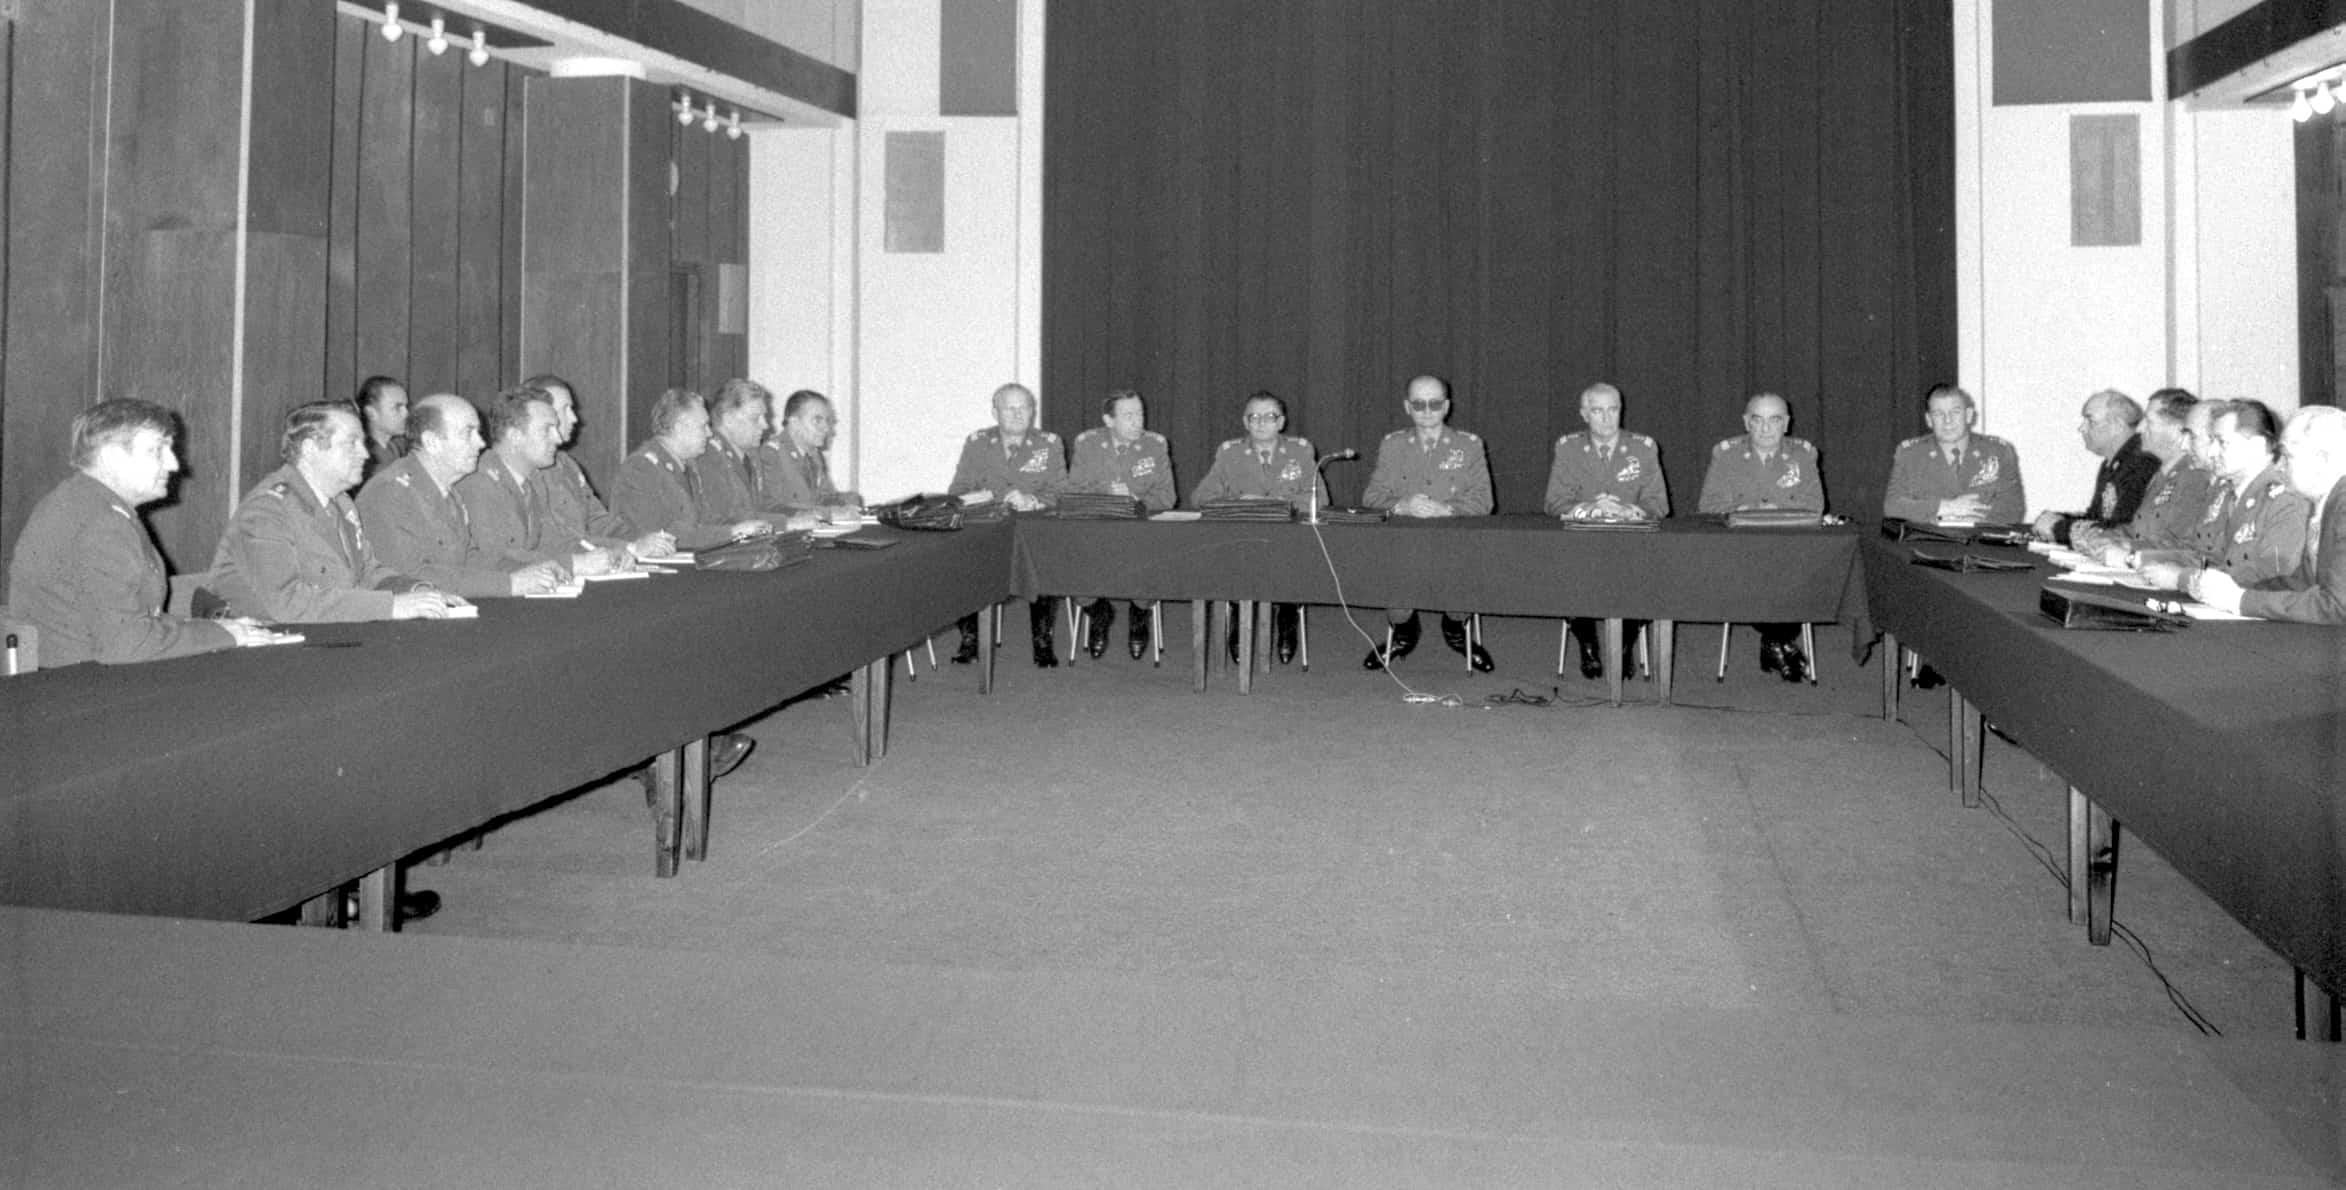 Posiedzenie Wojskowej Rady Ocalenia Narodowego pod przewodnictwem gen. Wojciecha Jaruzelskiego; Warszawa, 14.12.1981.